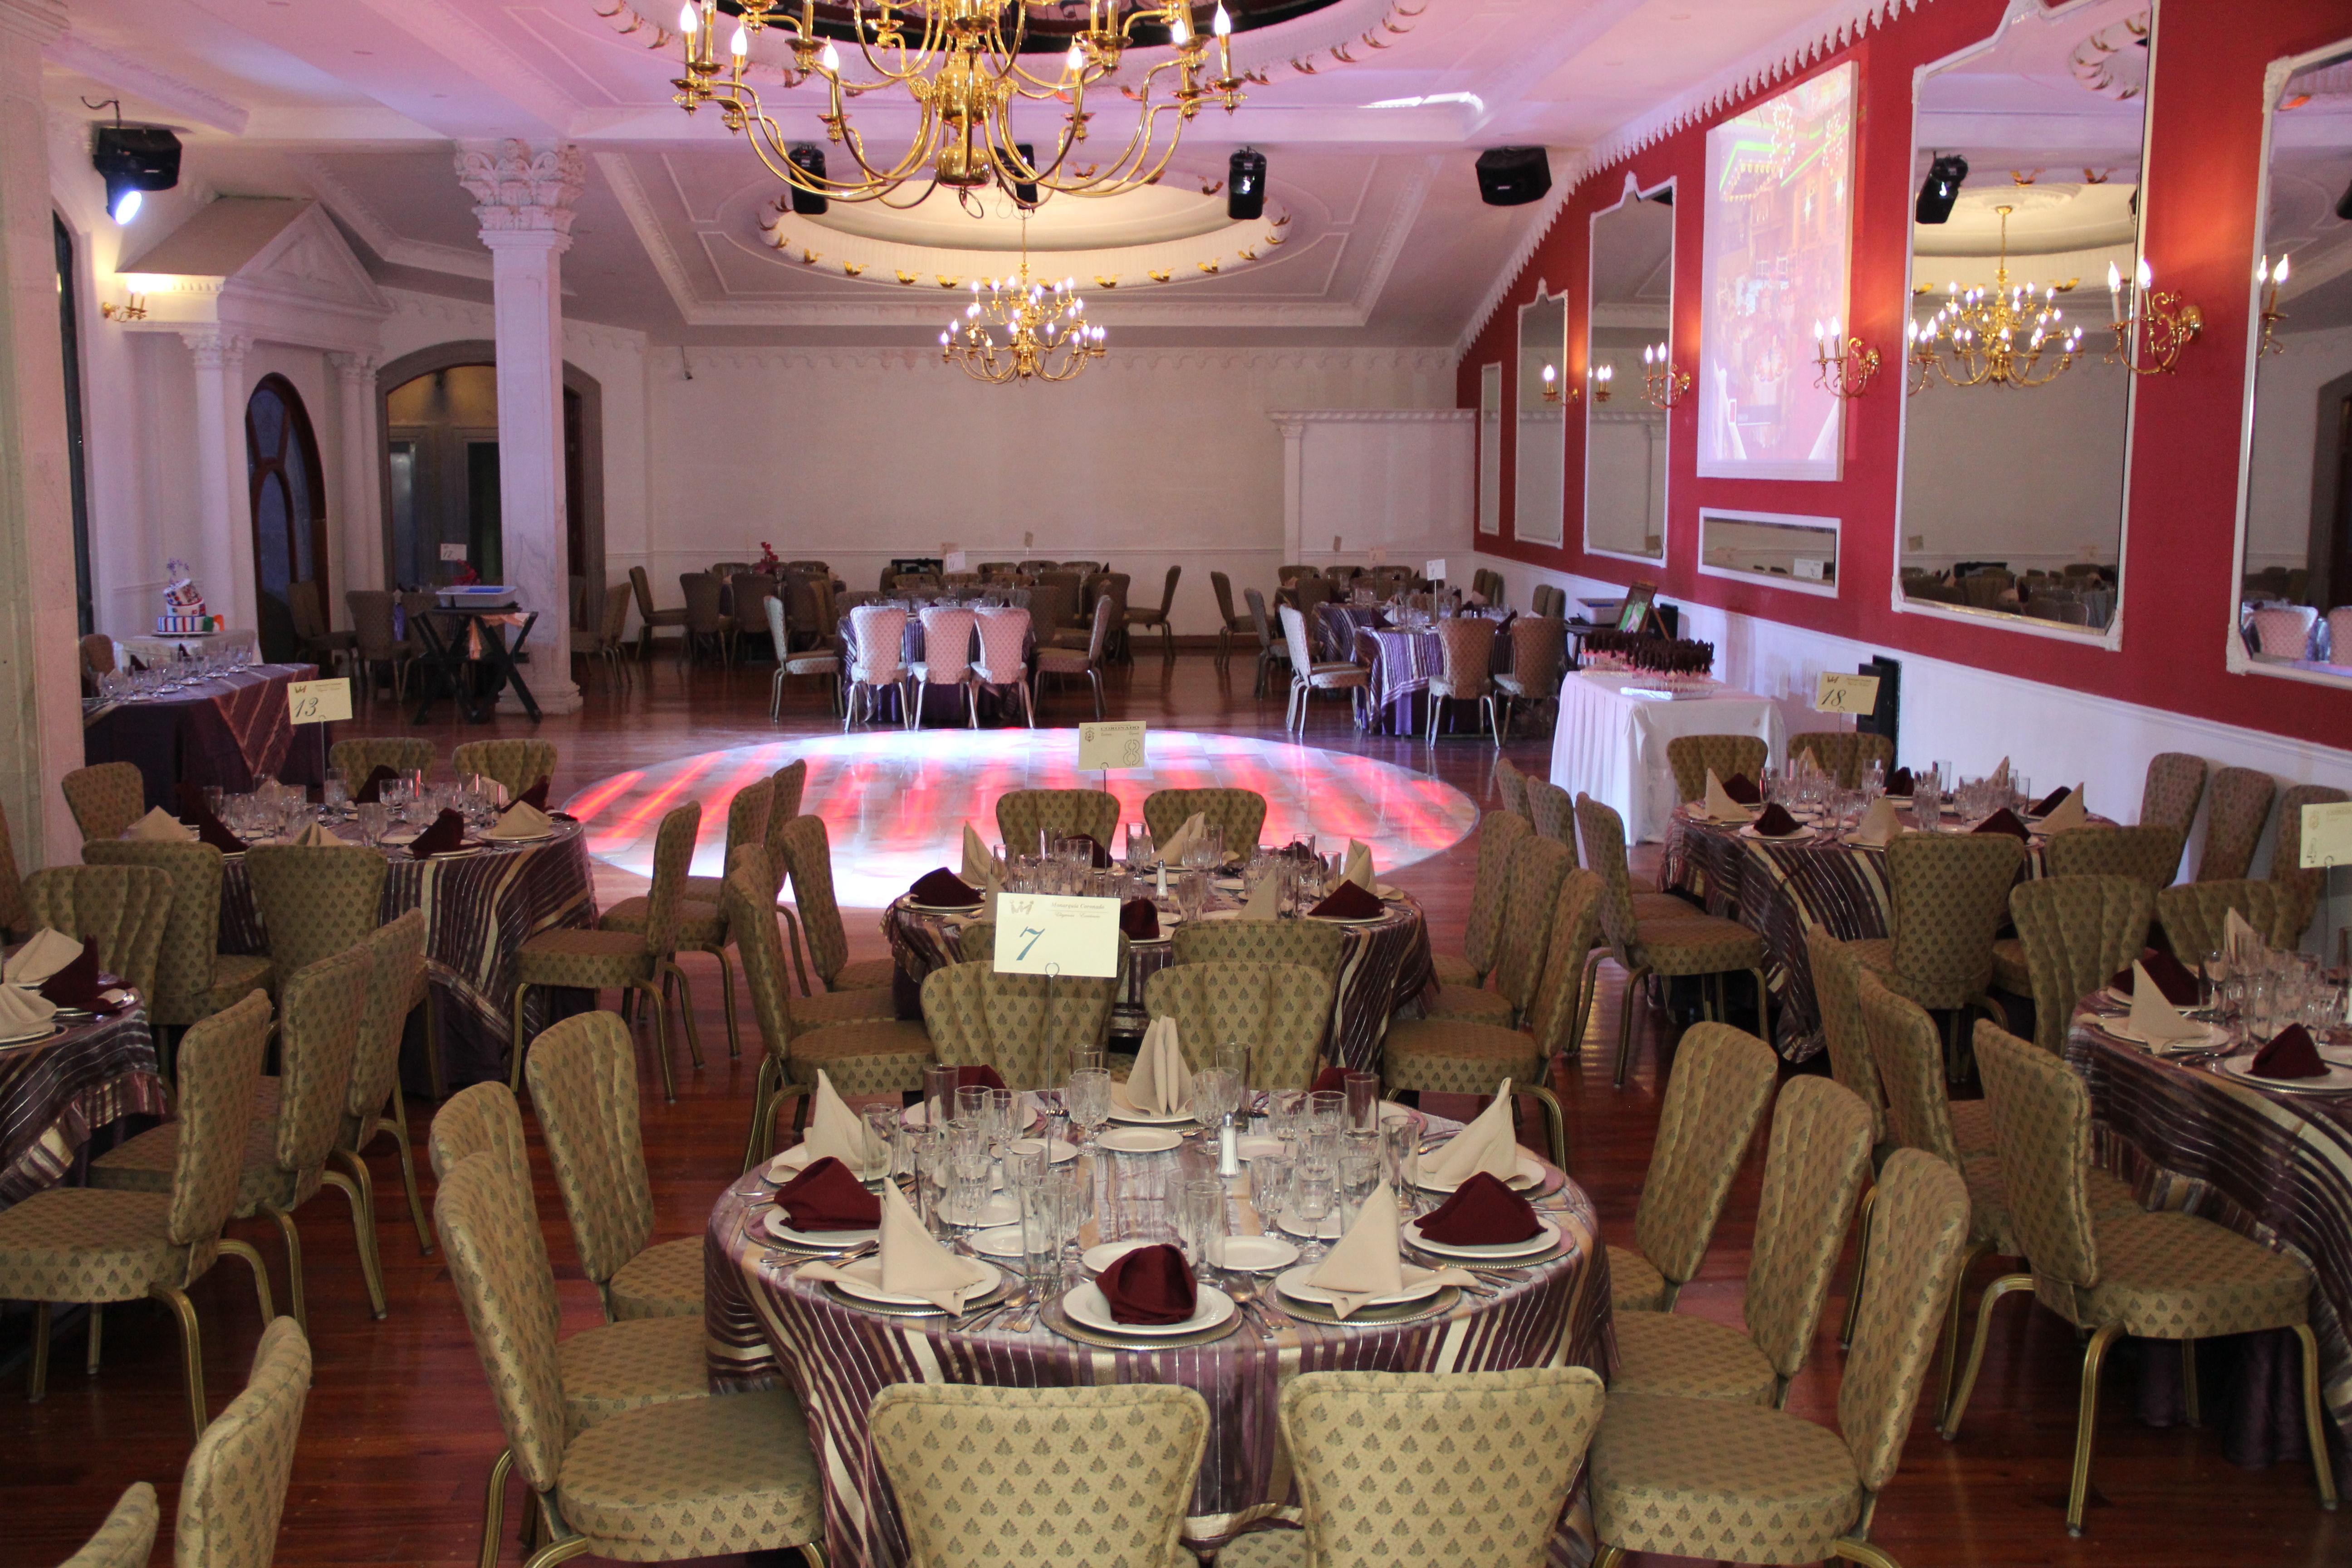 Salones de fiestas en el df monarquia coronado img 0120 jpg for Menzah 5 salon de the